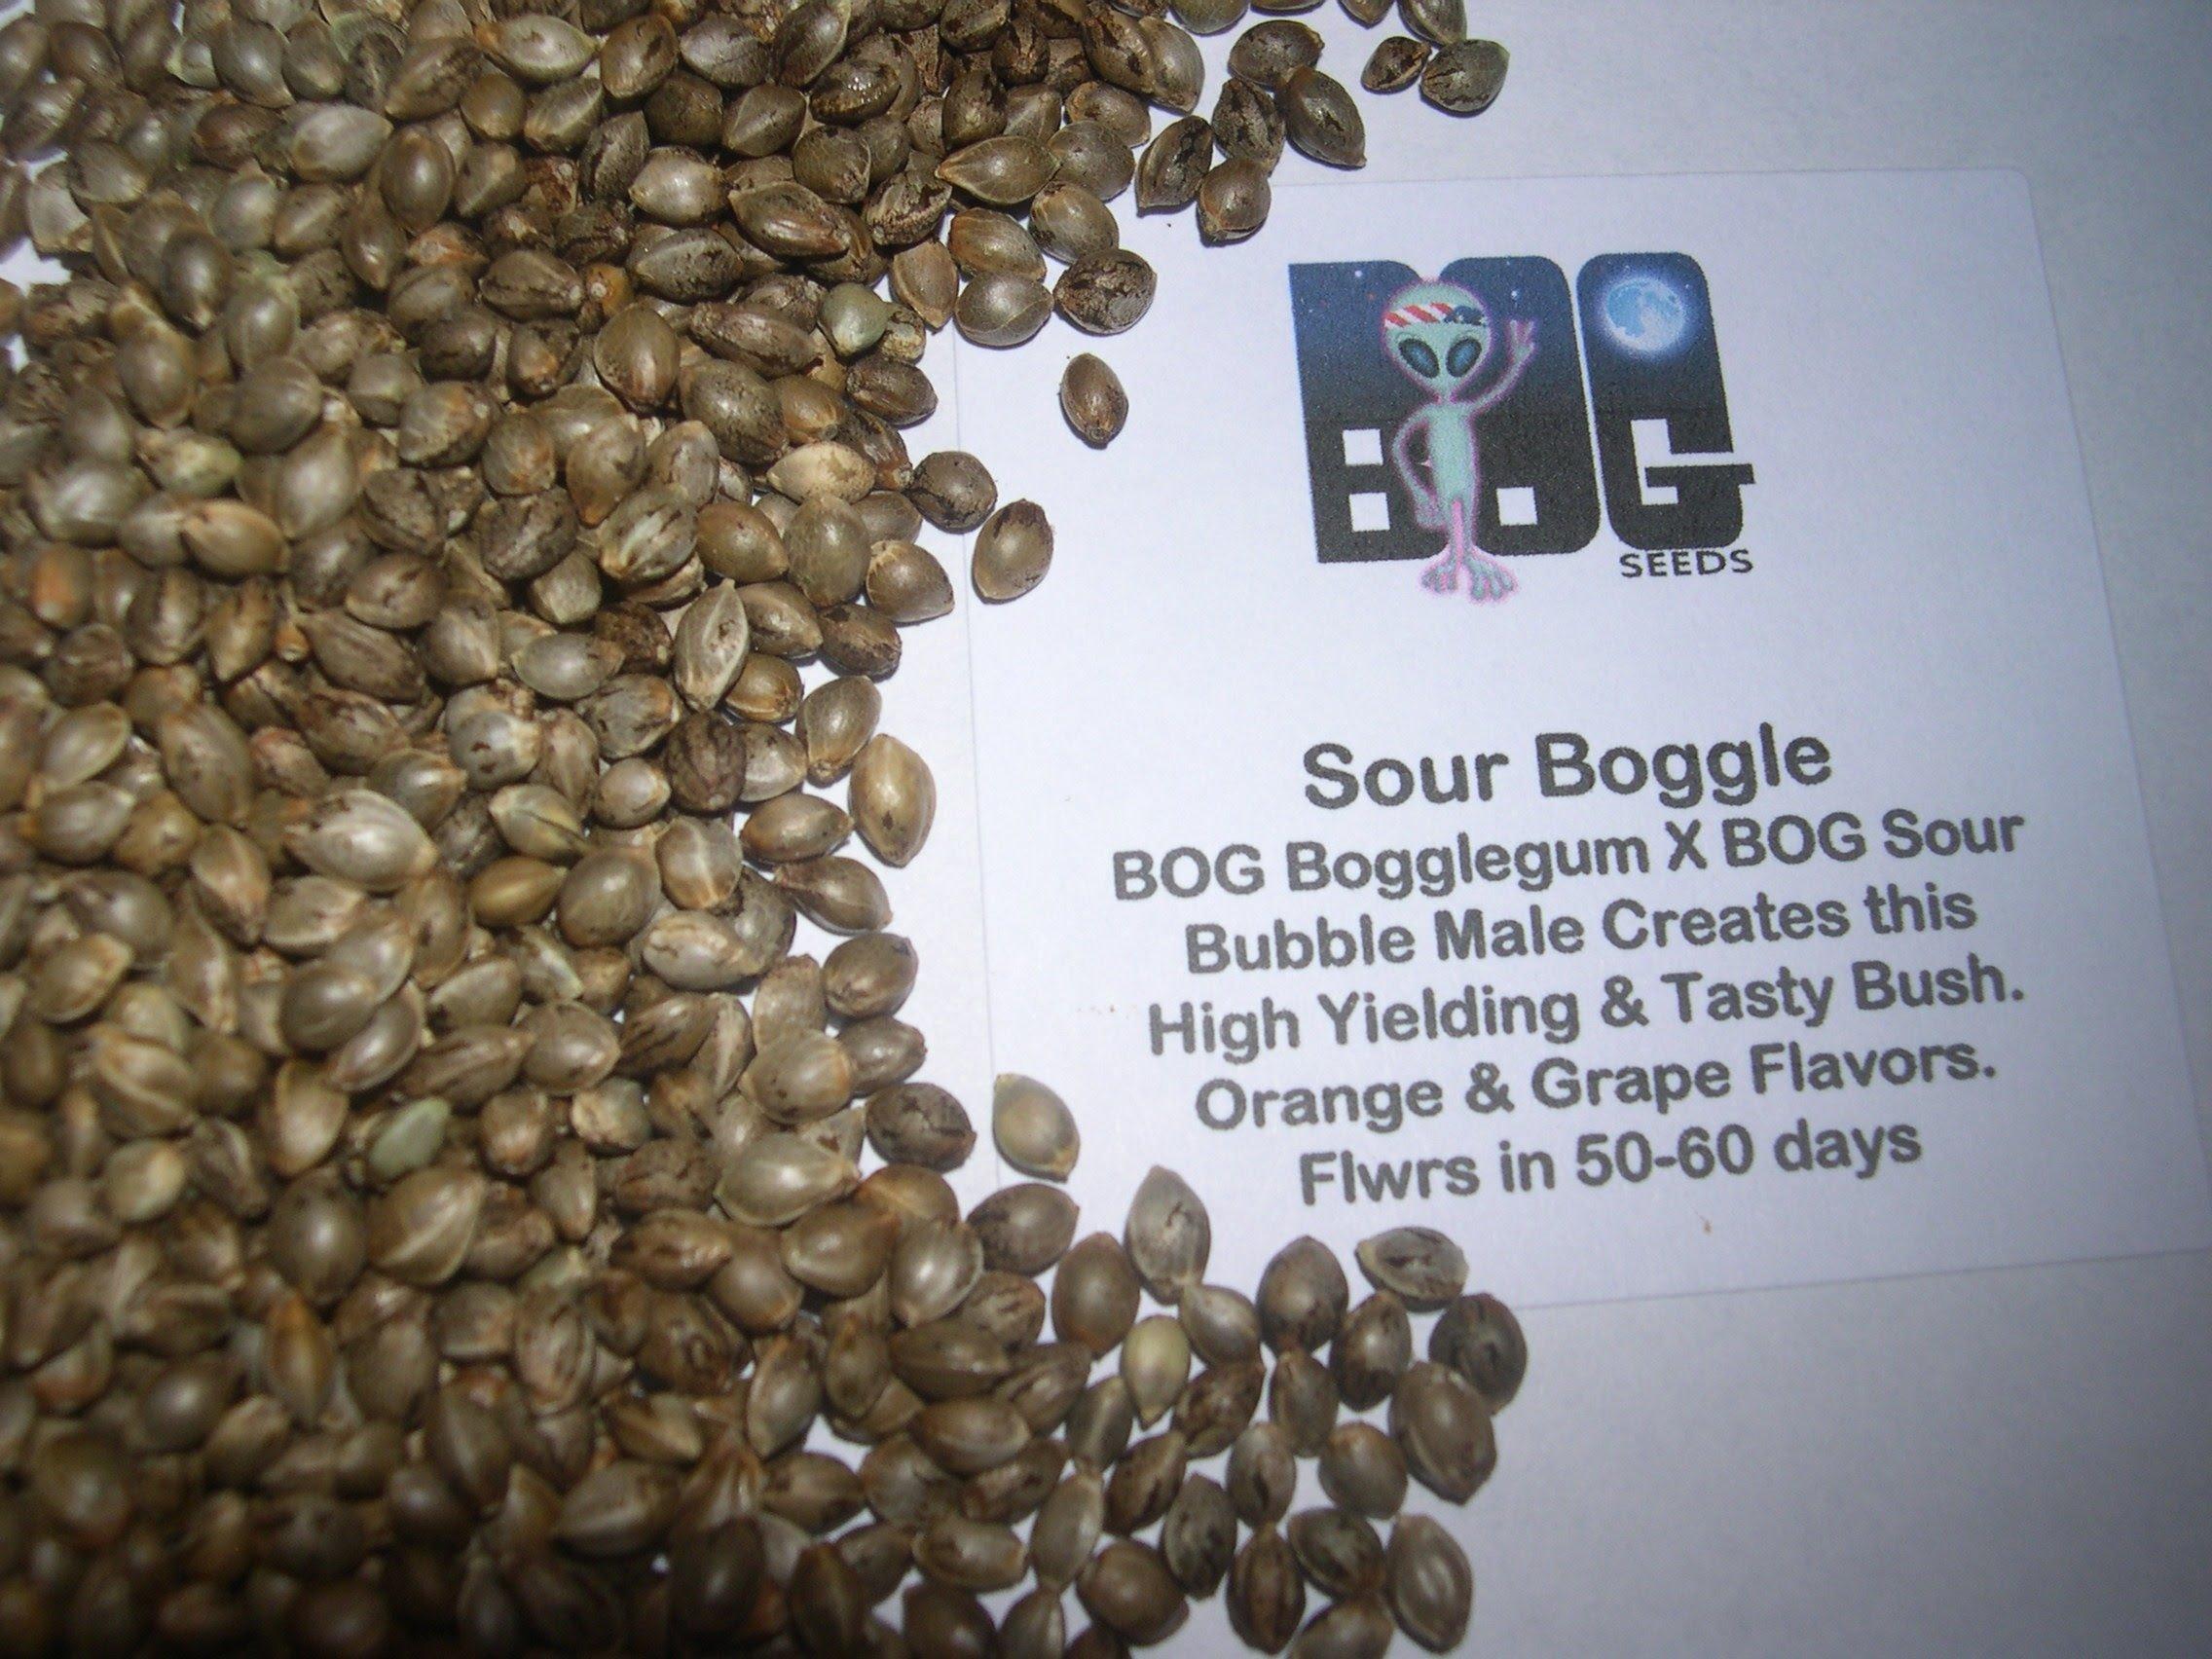 Sour Boggle (BOG Bogglegum X BOG Sour Bubble) 13 Regular Seeds